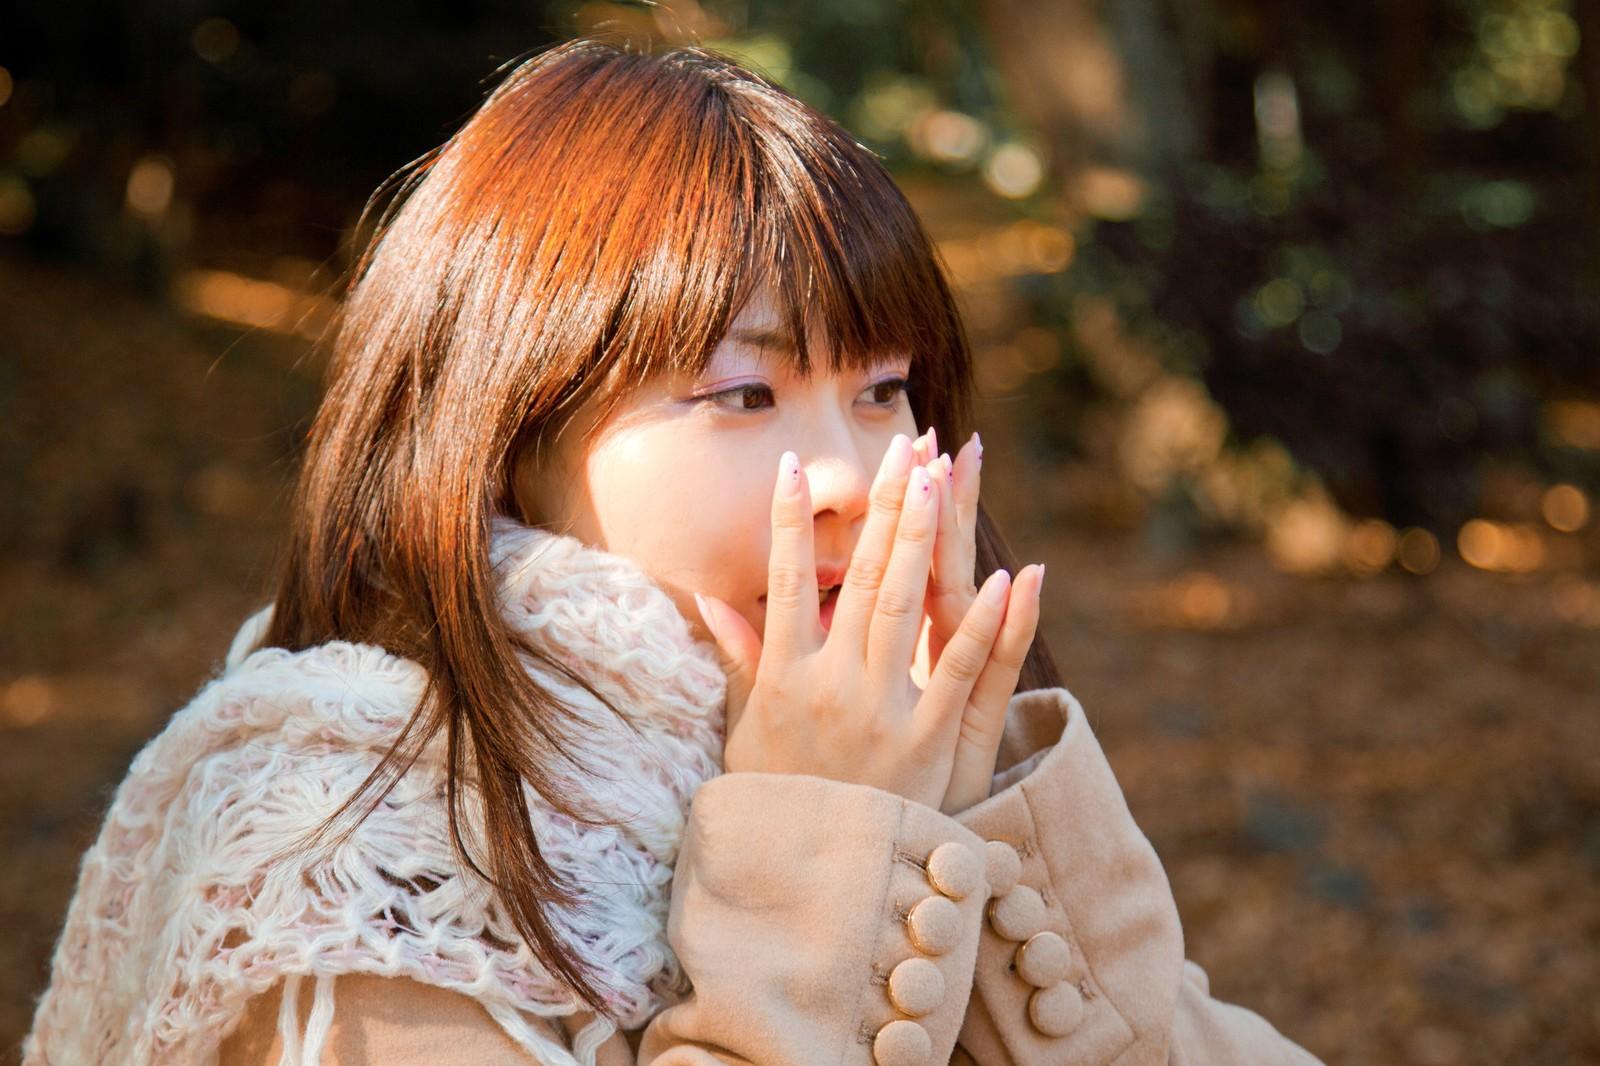 不安やイライラ、やる気が出ない、その症状は体を温めると治る!